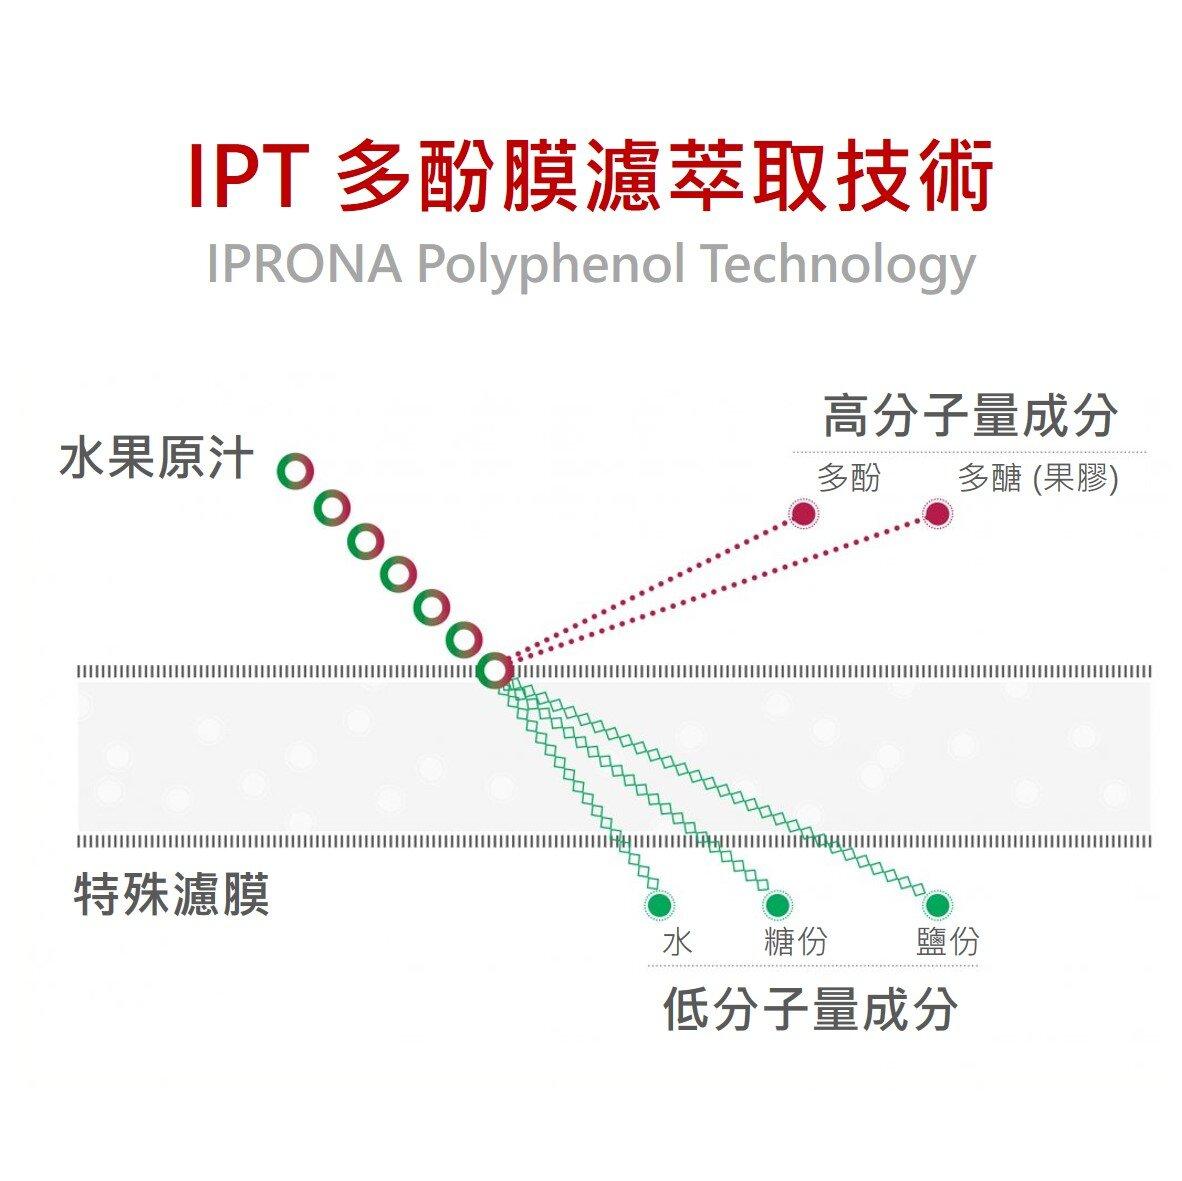 採用先進 IPT 多酚膜濾萃取技術所製造